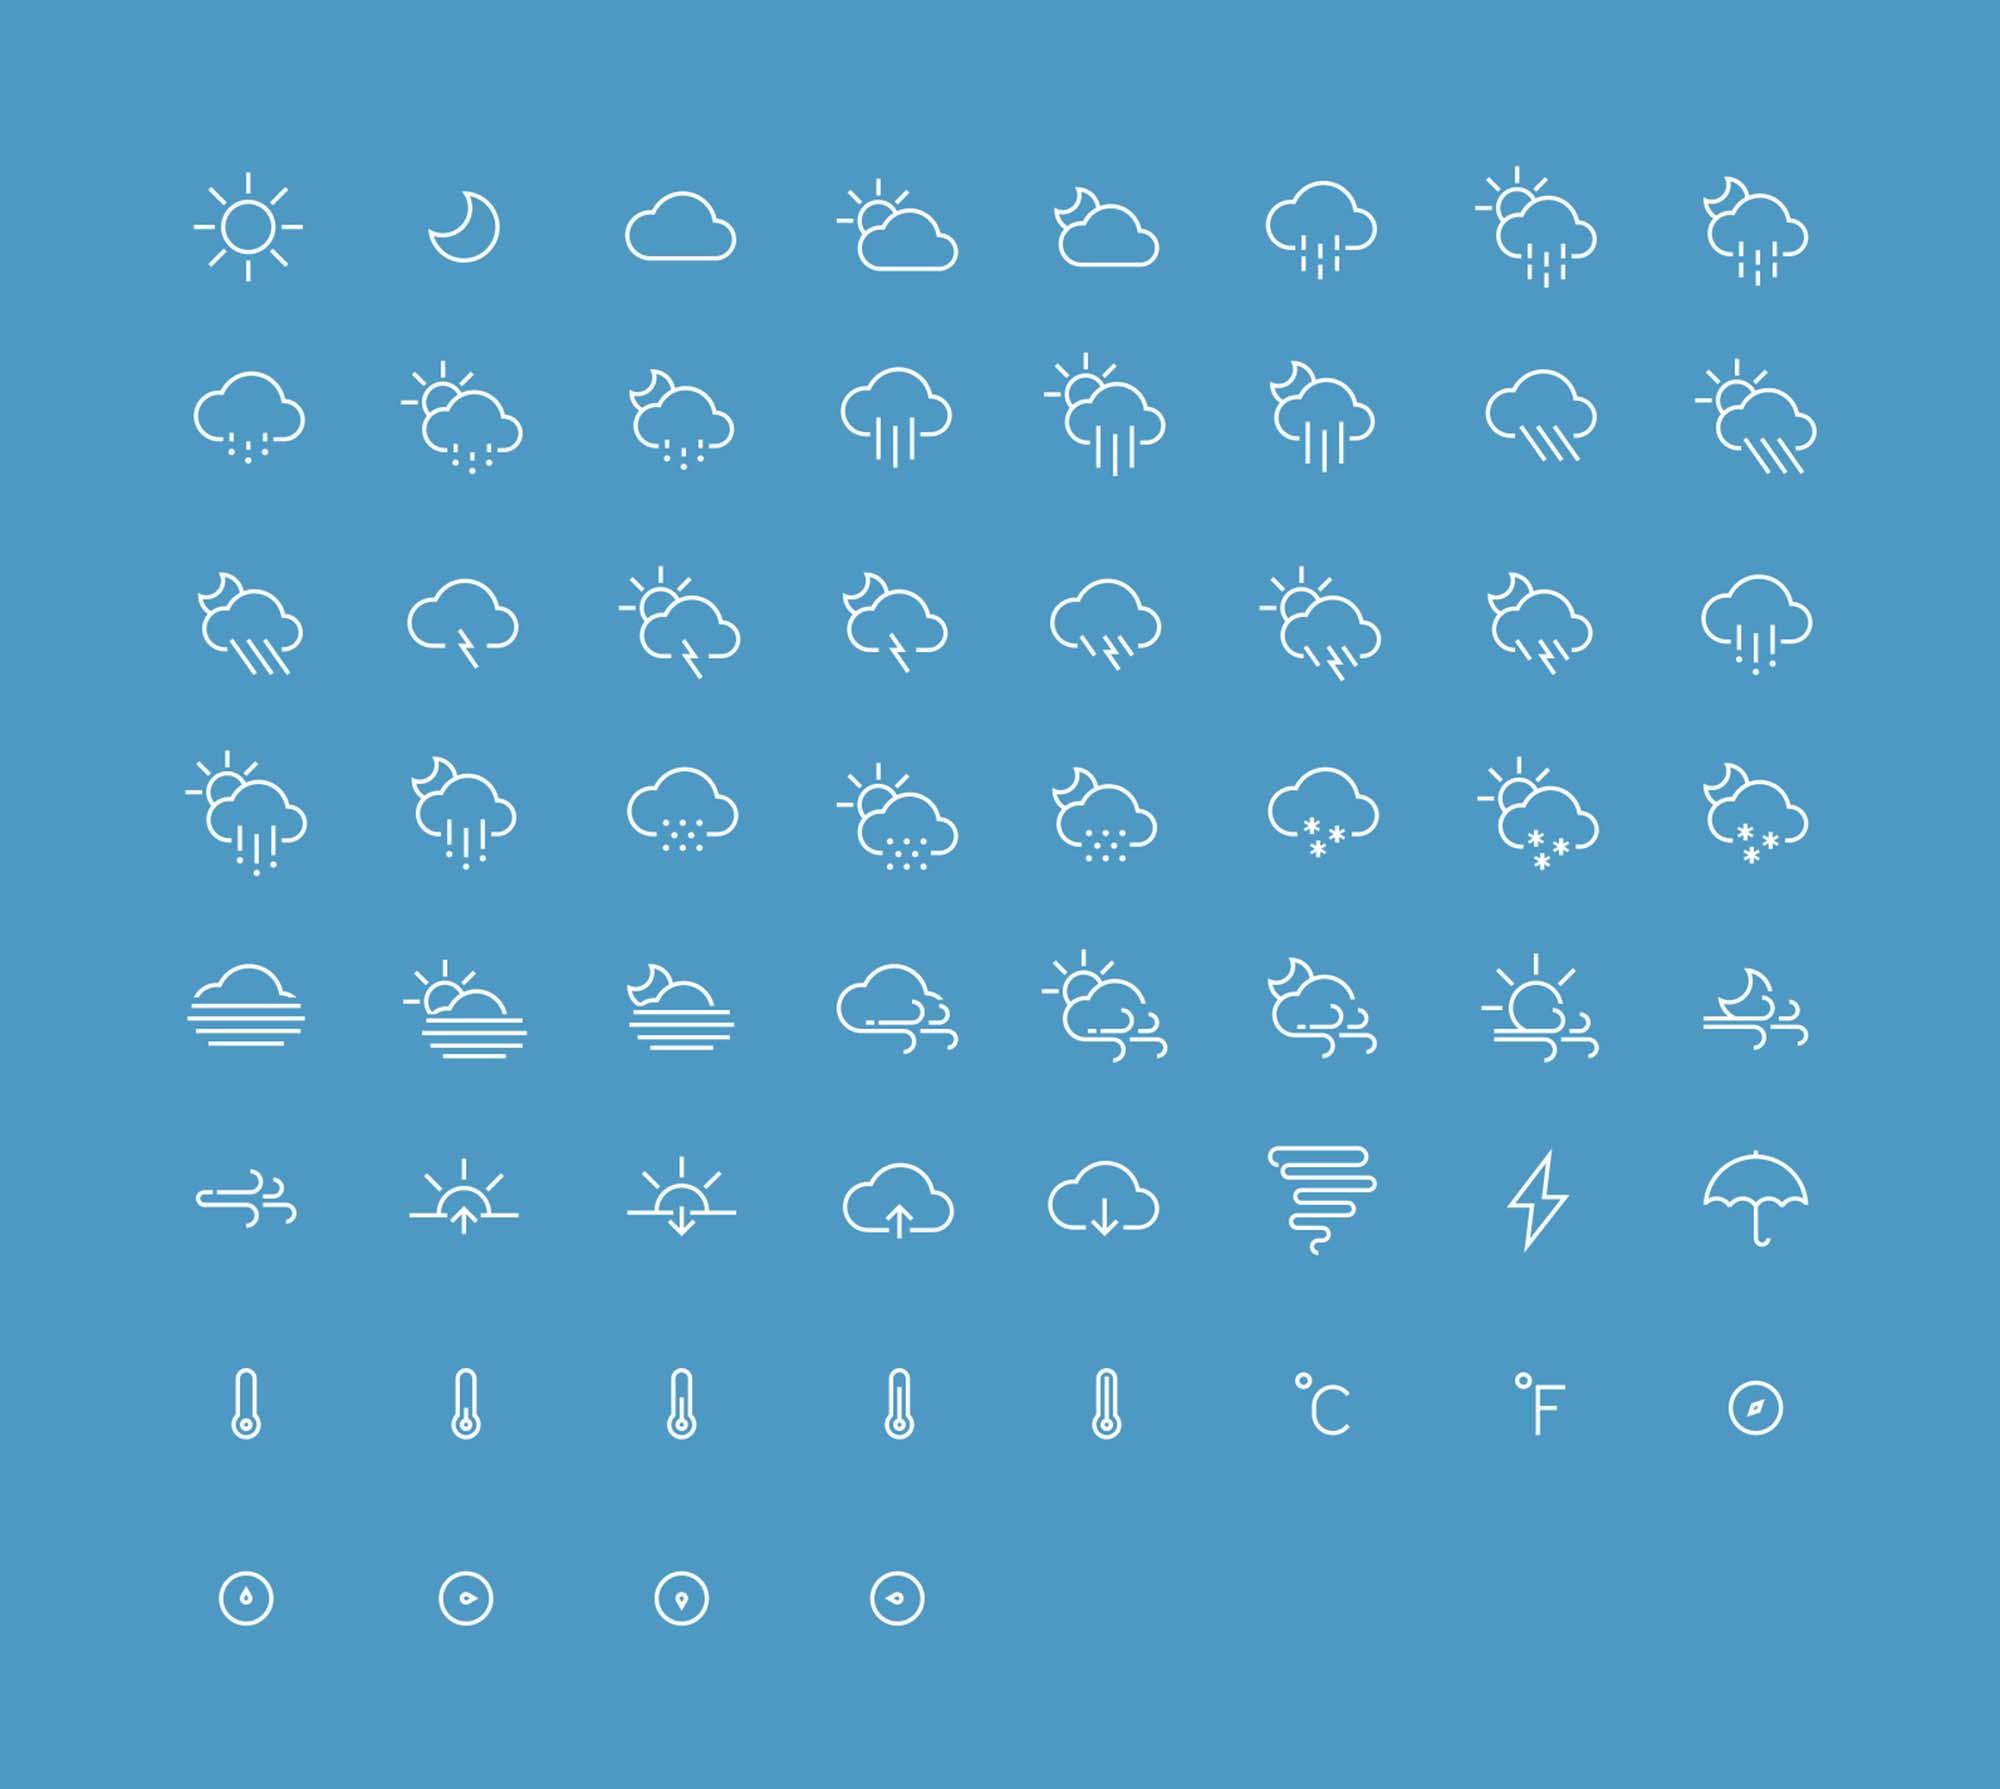 IOS Weather Icons